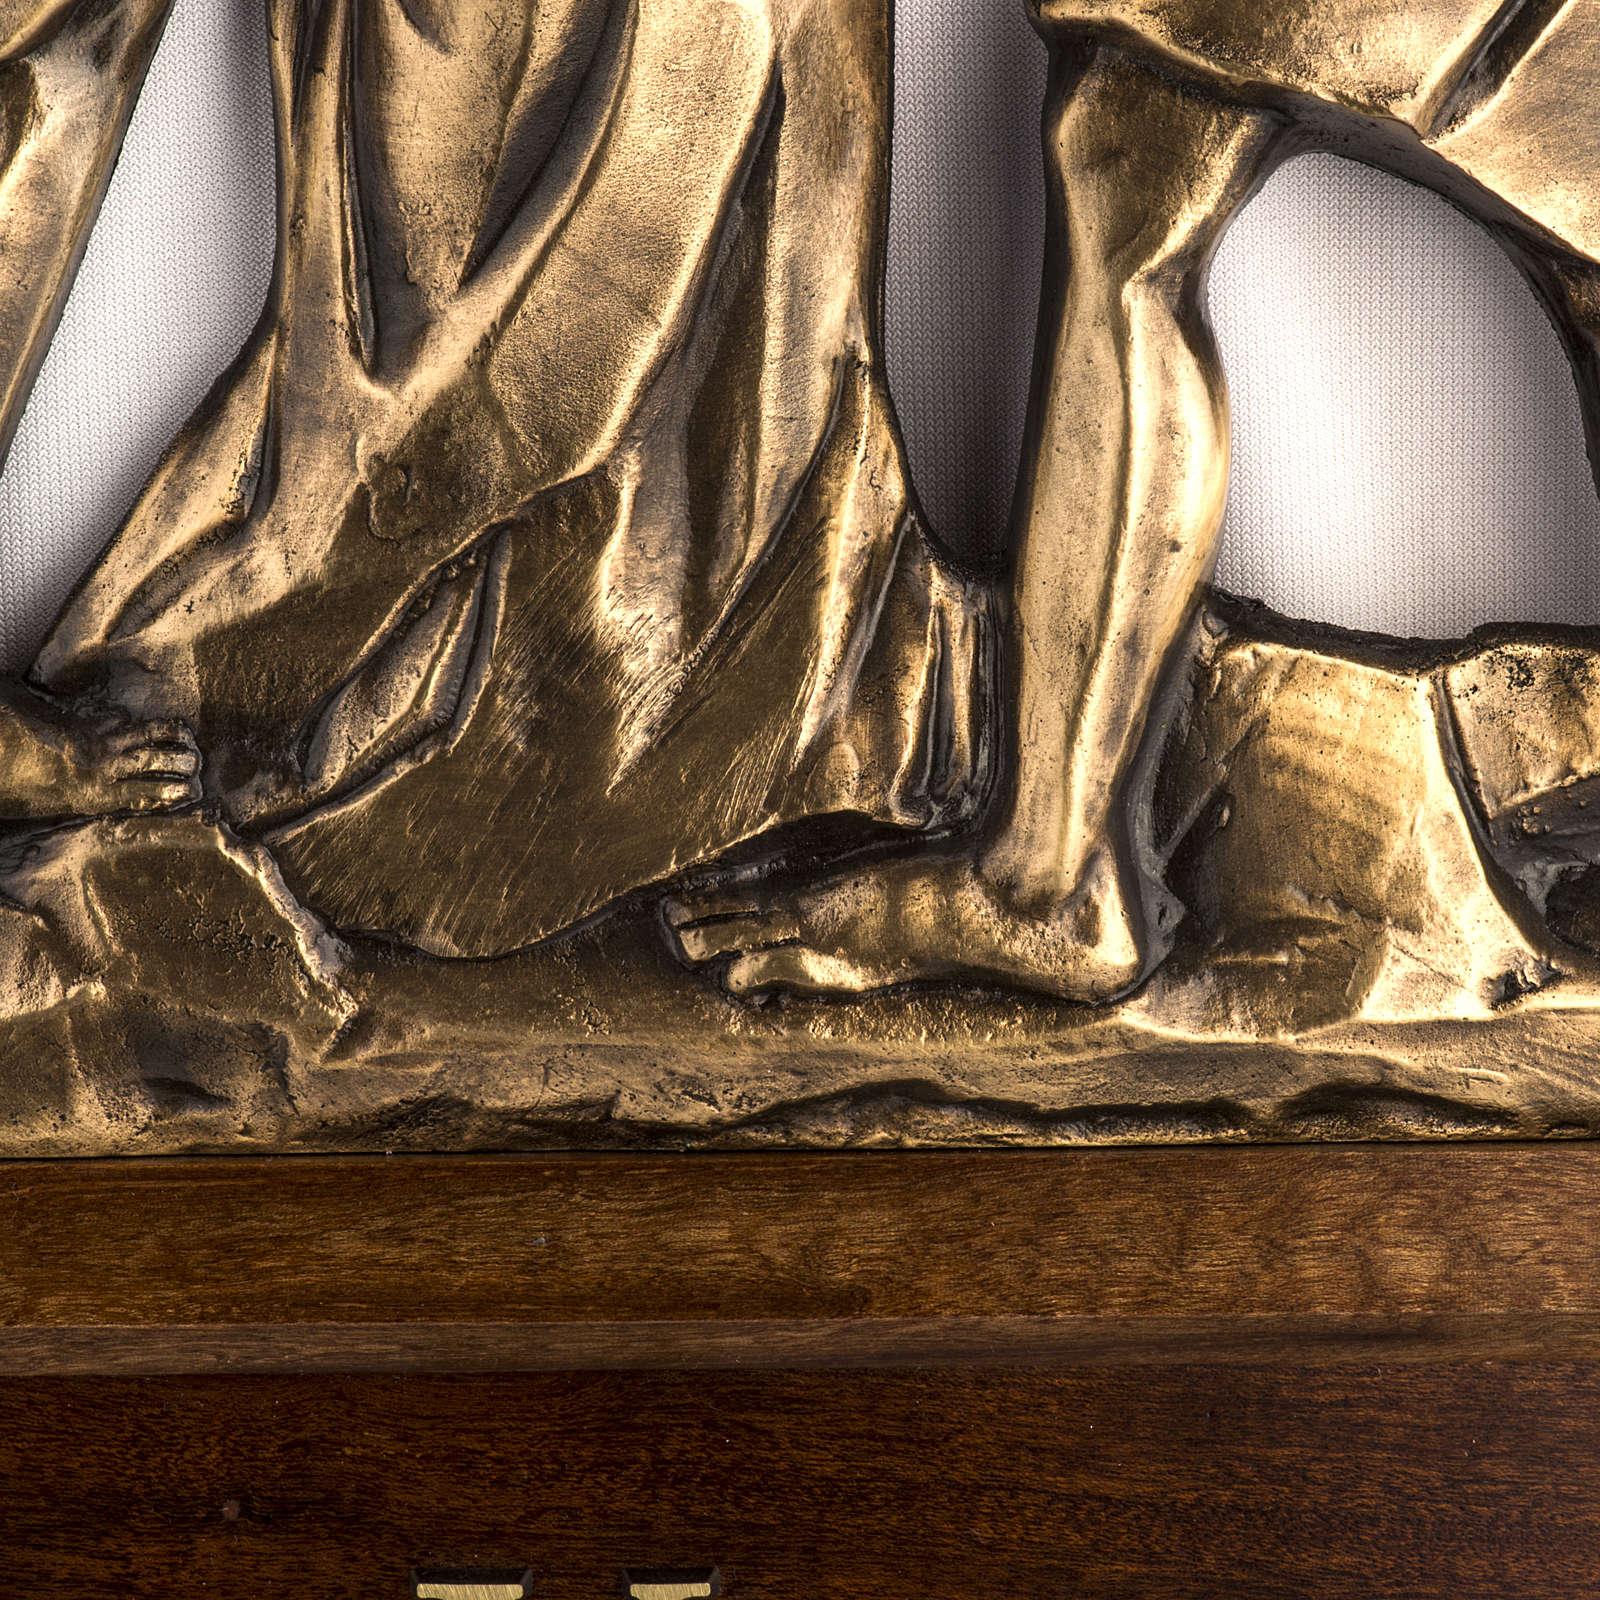 Via Crucis ottone fuso 30x50 cm con capitello - 15 stazioni 4